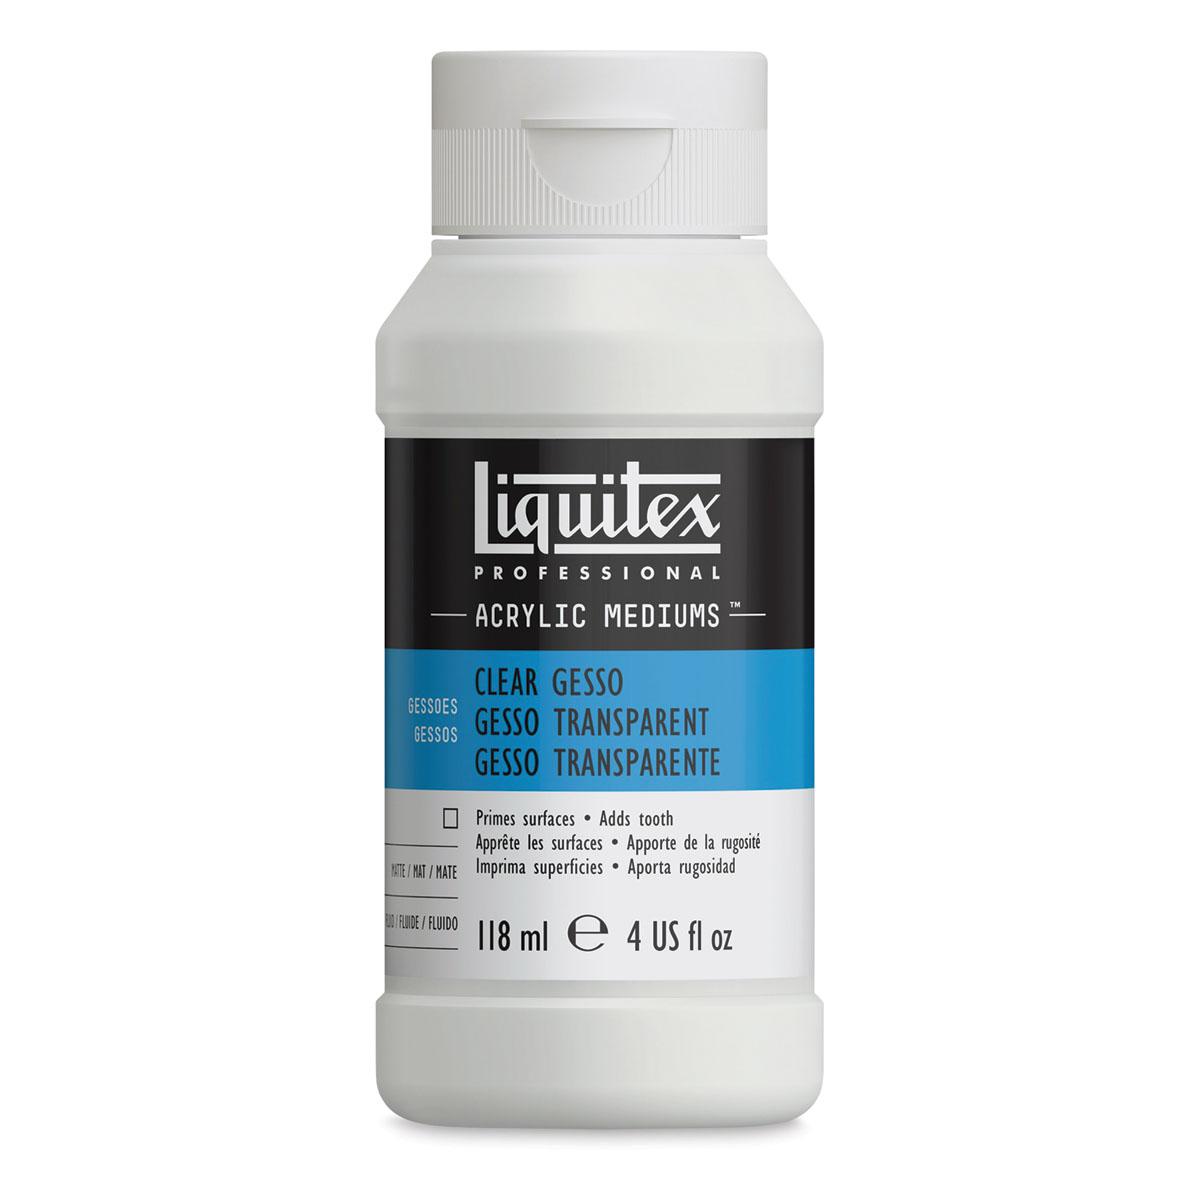 Liquitex Acryic Medium - Clear Gesso, 4 oz bottle